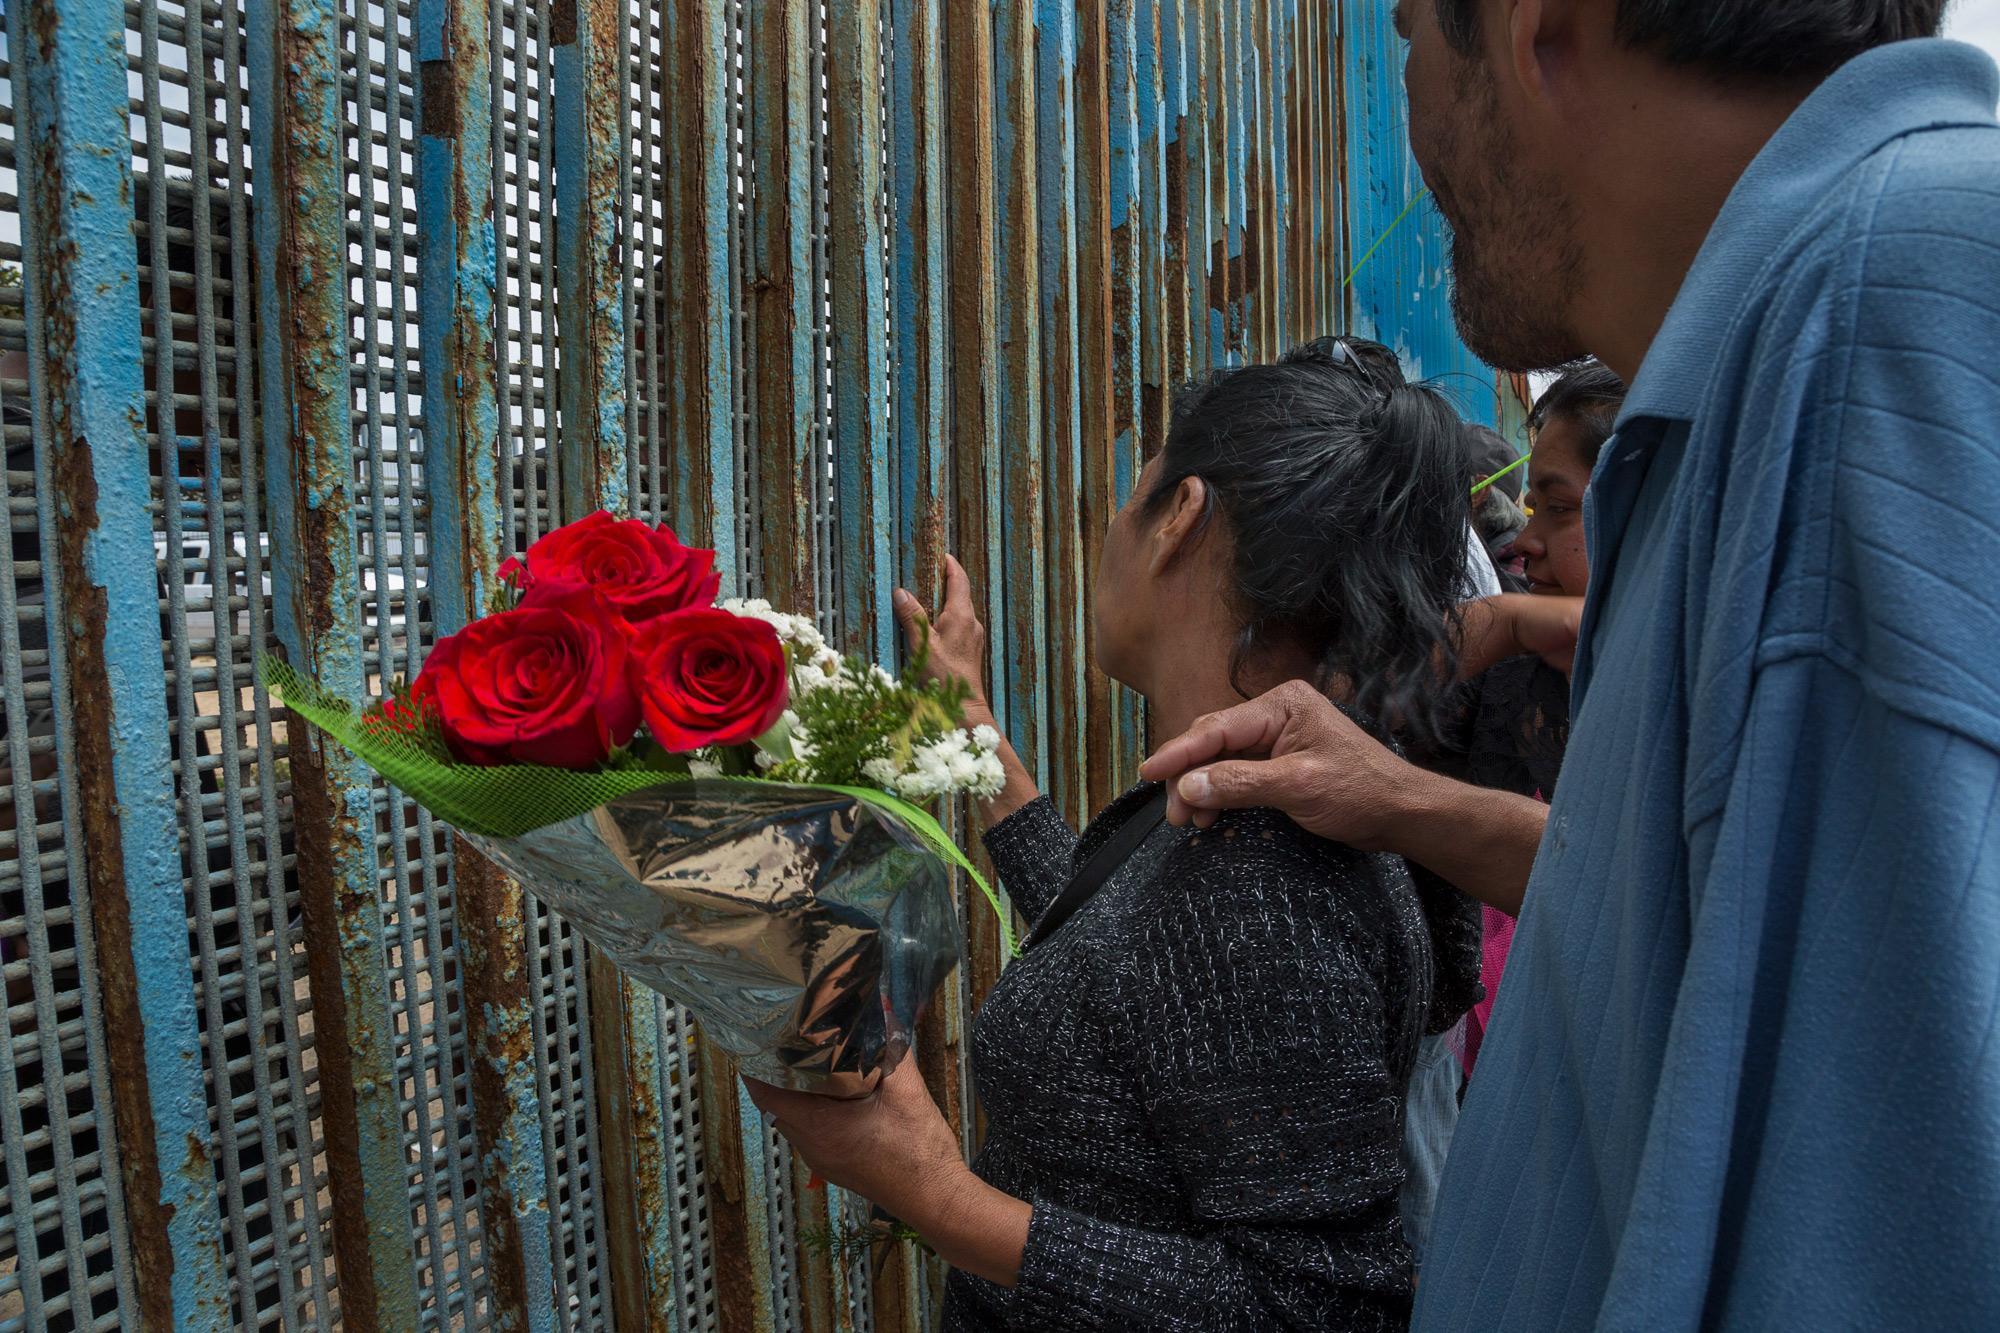 Una mujer habla con sus hijos a través del muro durante el Día de la Madre